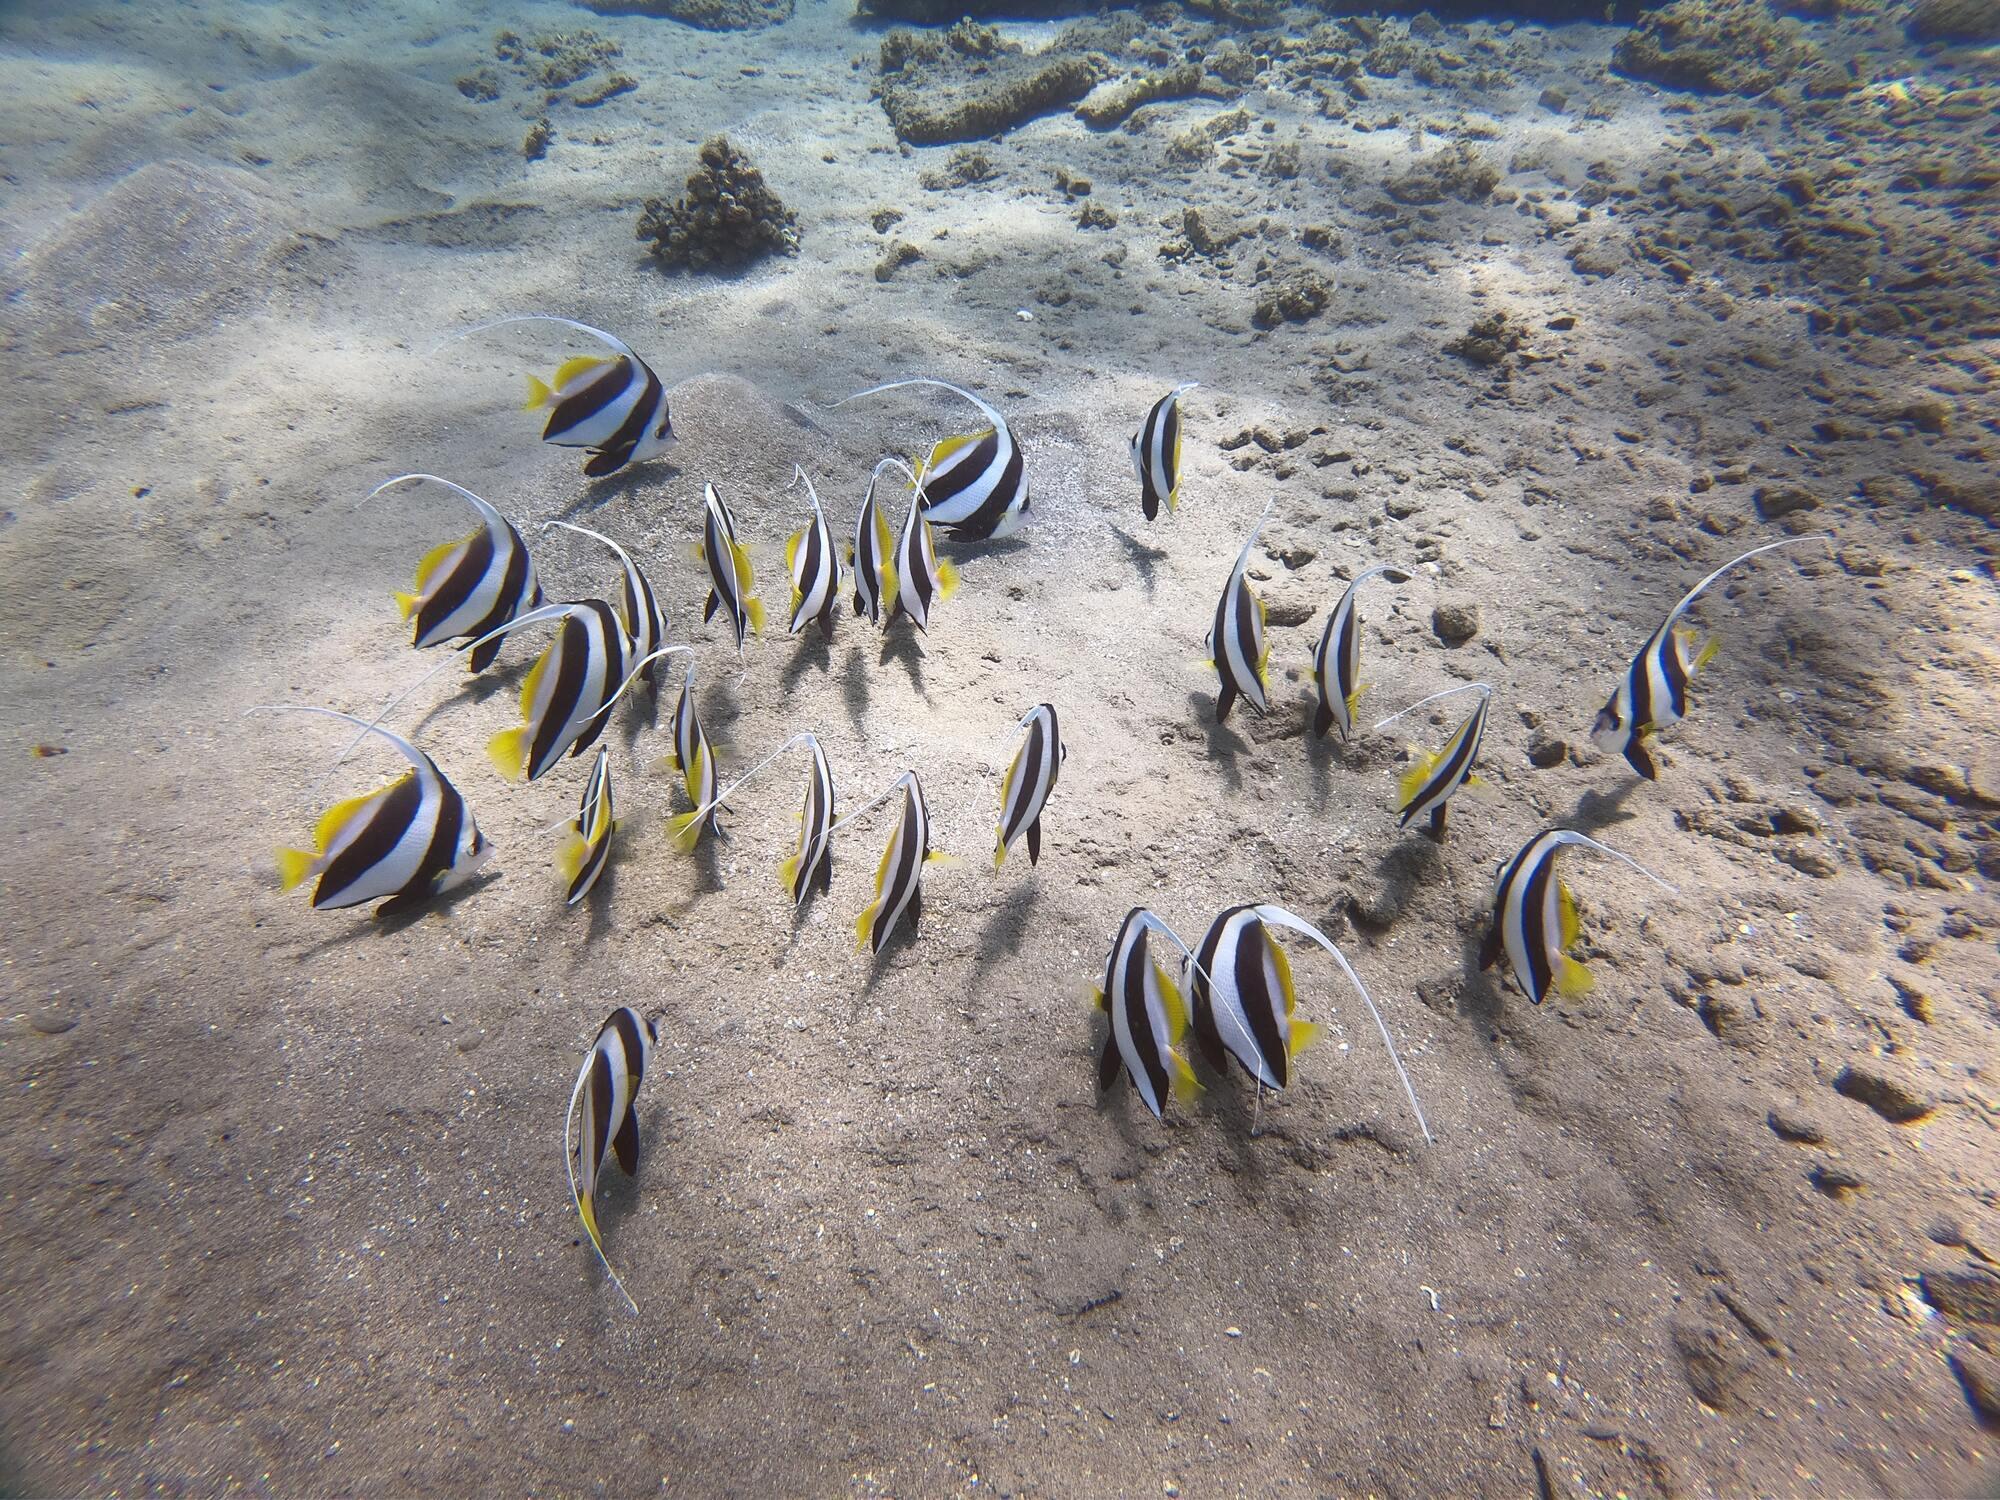 Родзинка Марса Алам у тому, що тут море вируює життям: безліч риб, черепах, мурен